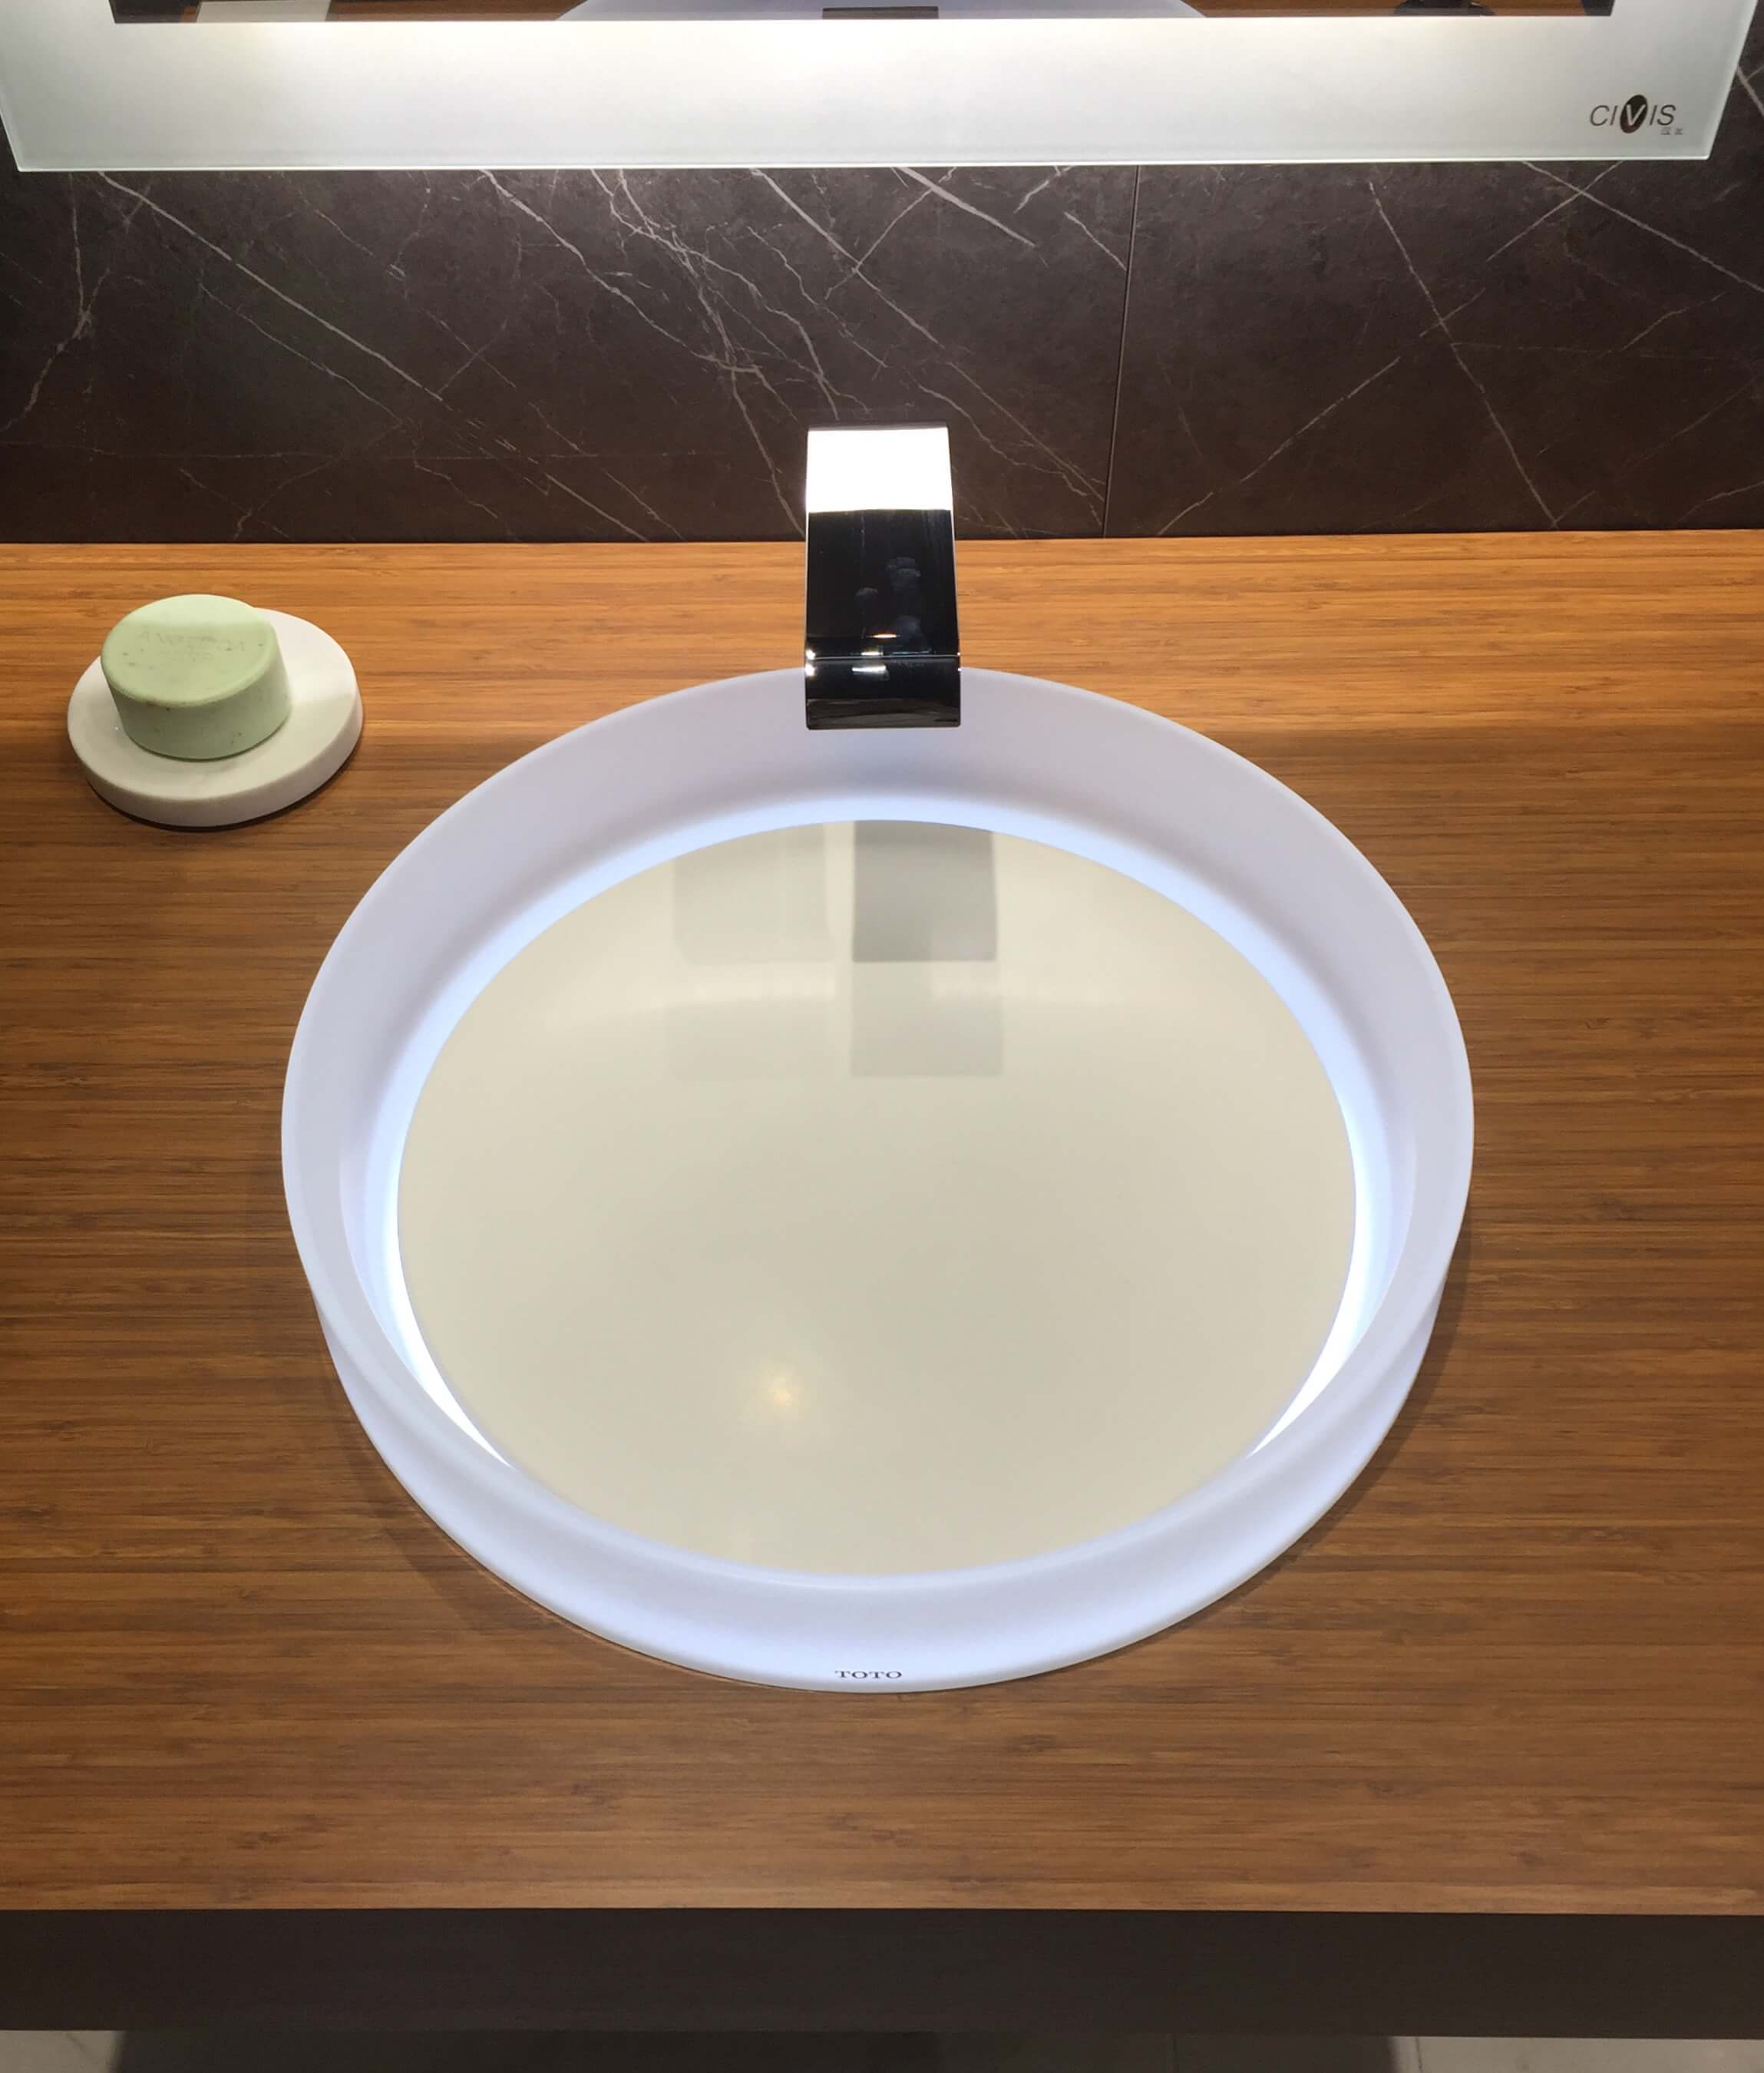 Toto lit vessel sink